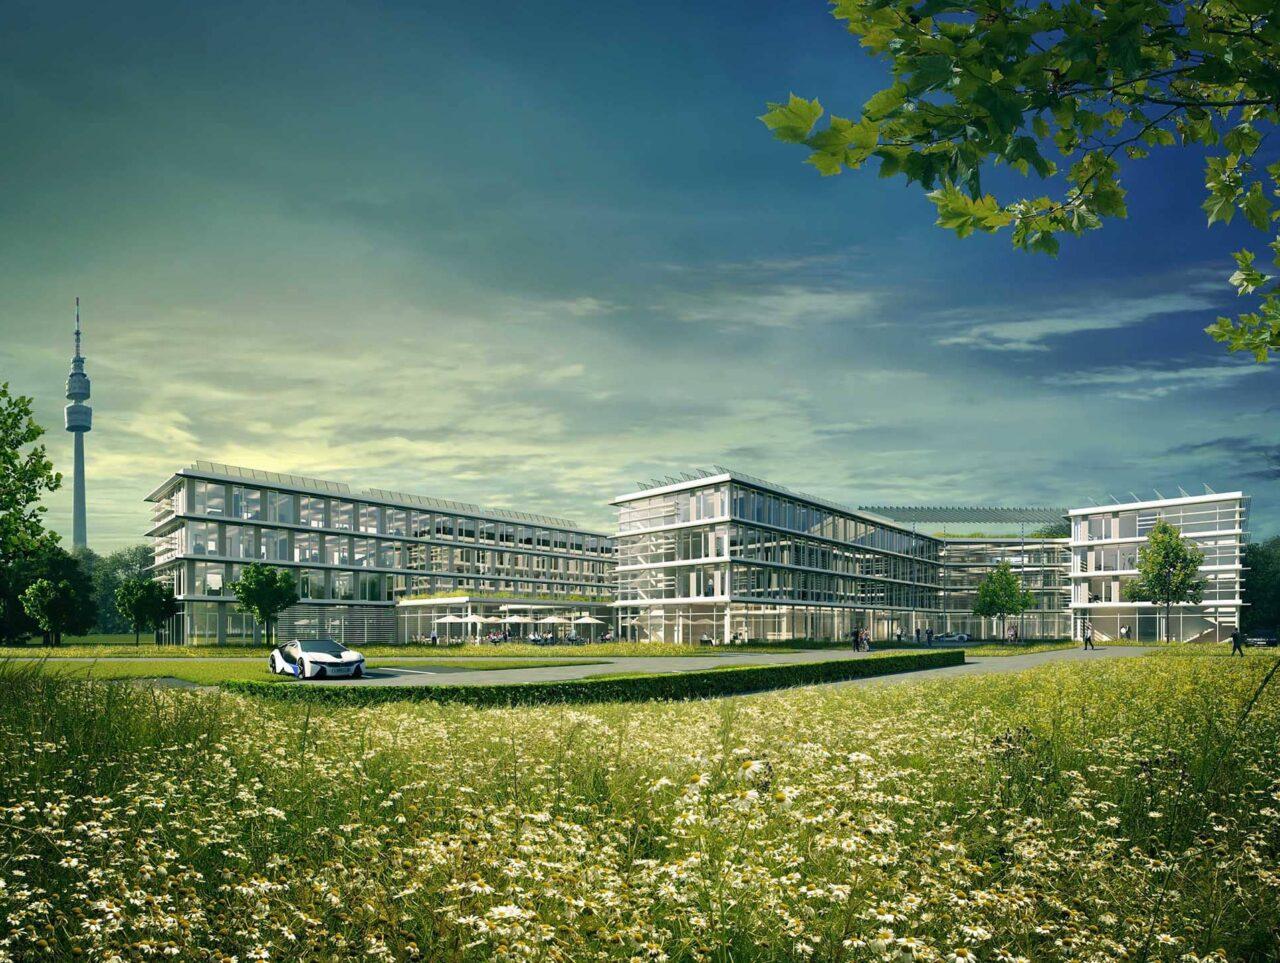 Amprion Dortmund 2ter Preis Generalplaner-wettbewerb Aussenperspektive mit Landschaft